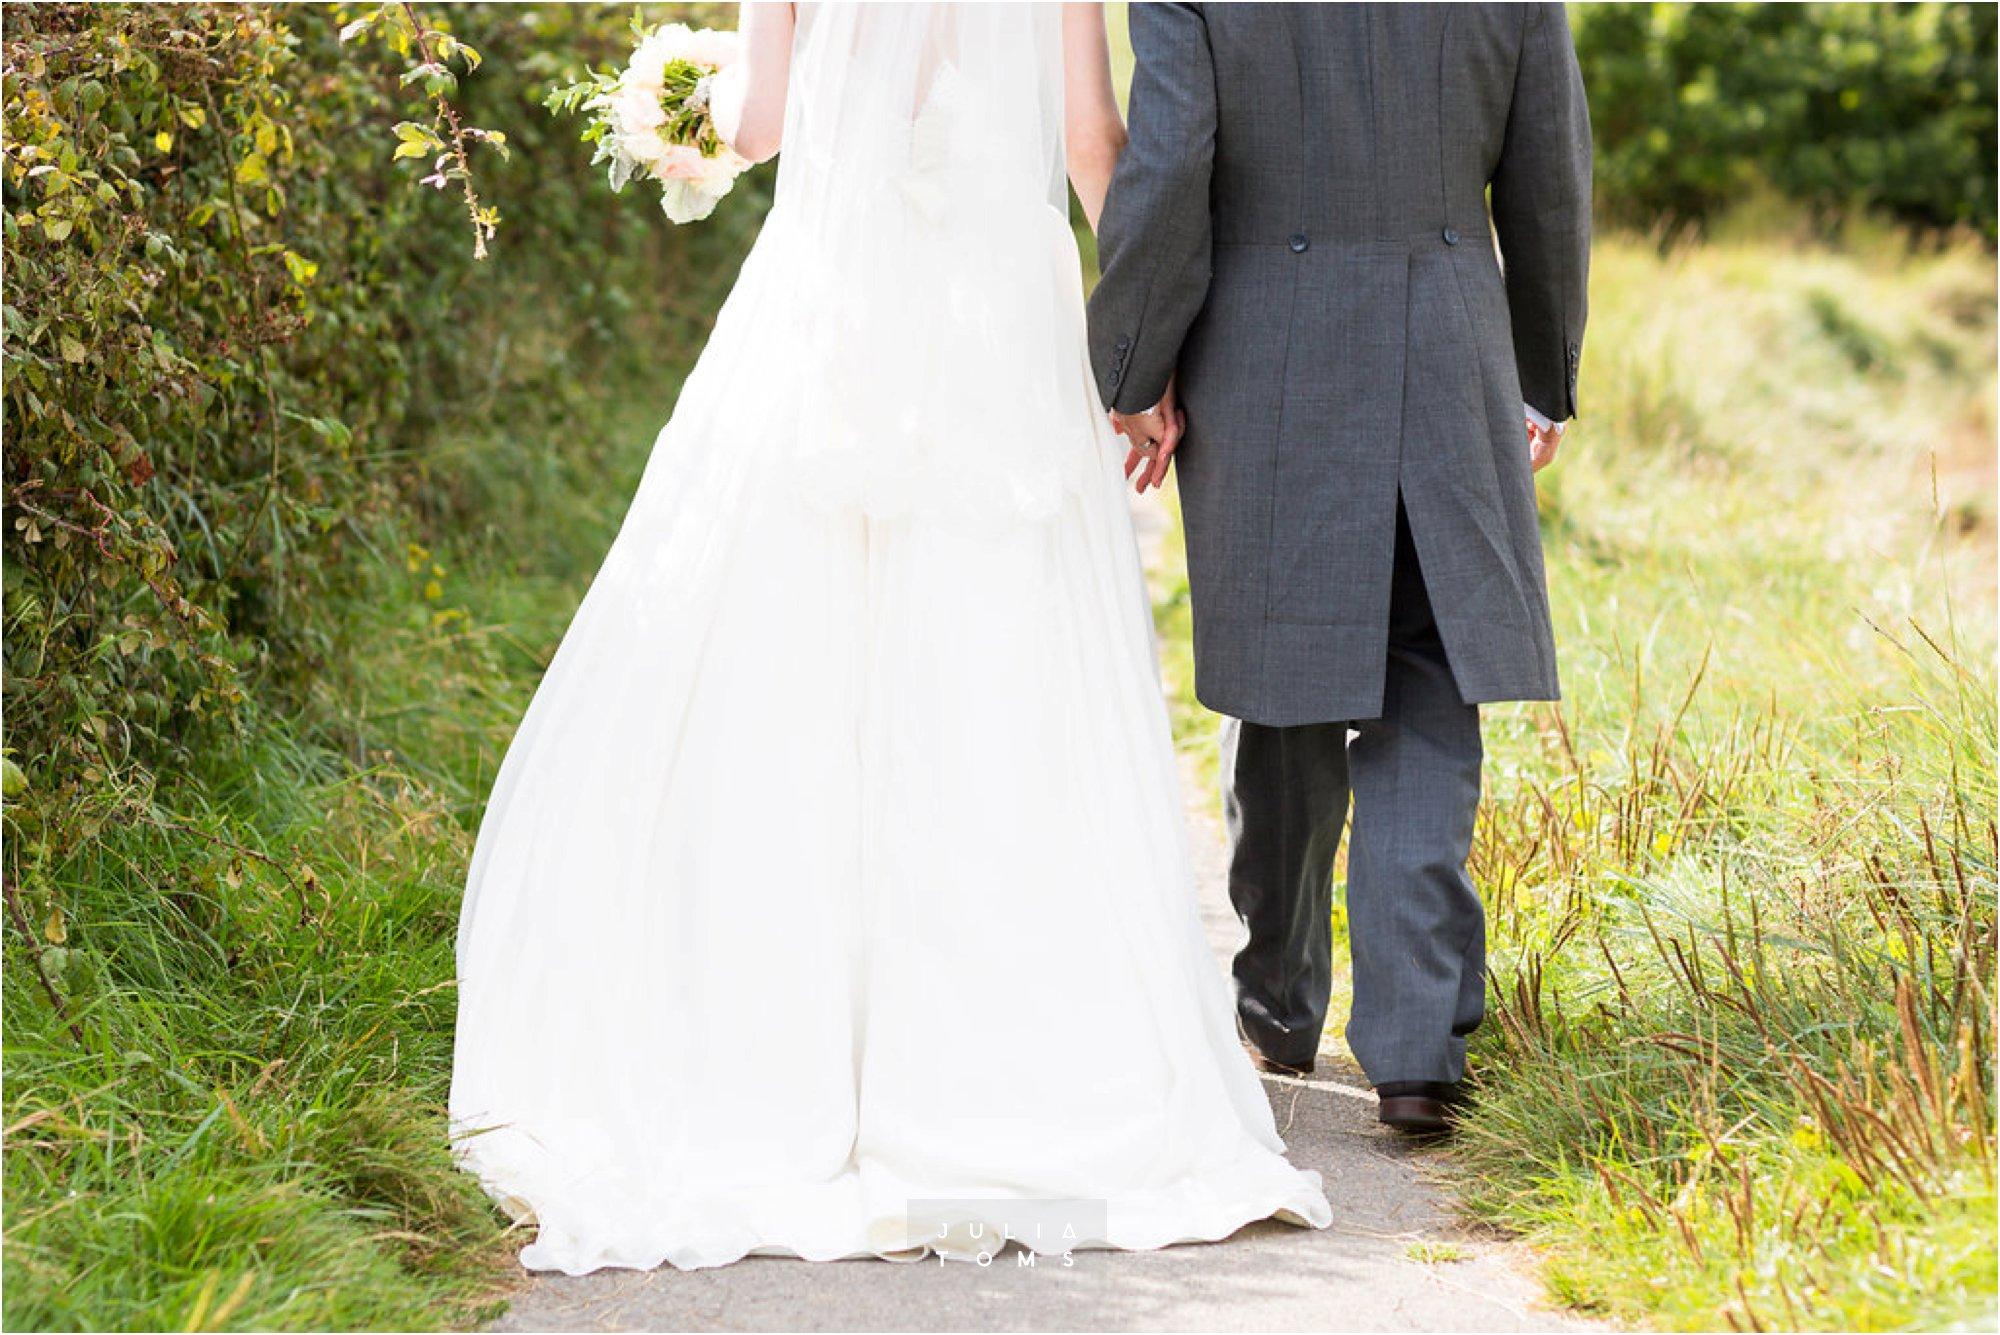 itchenor_wedding_chichester_photographer_040.jpg